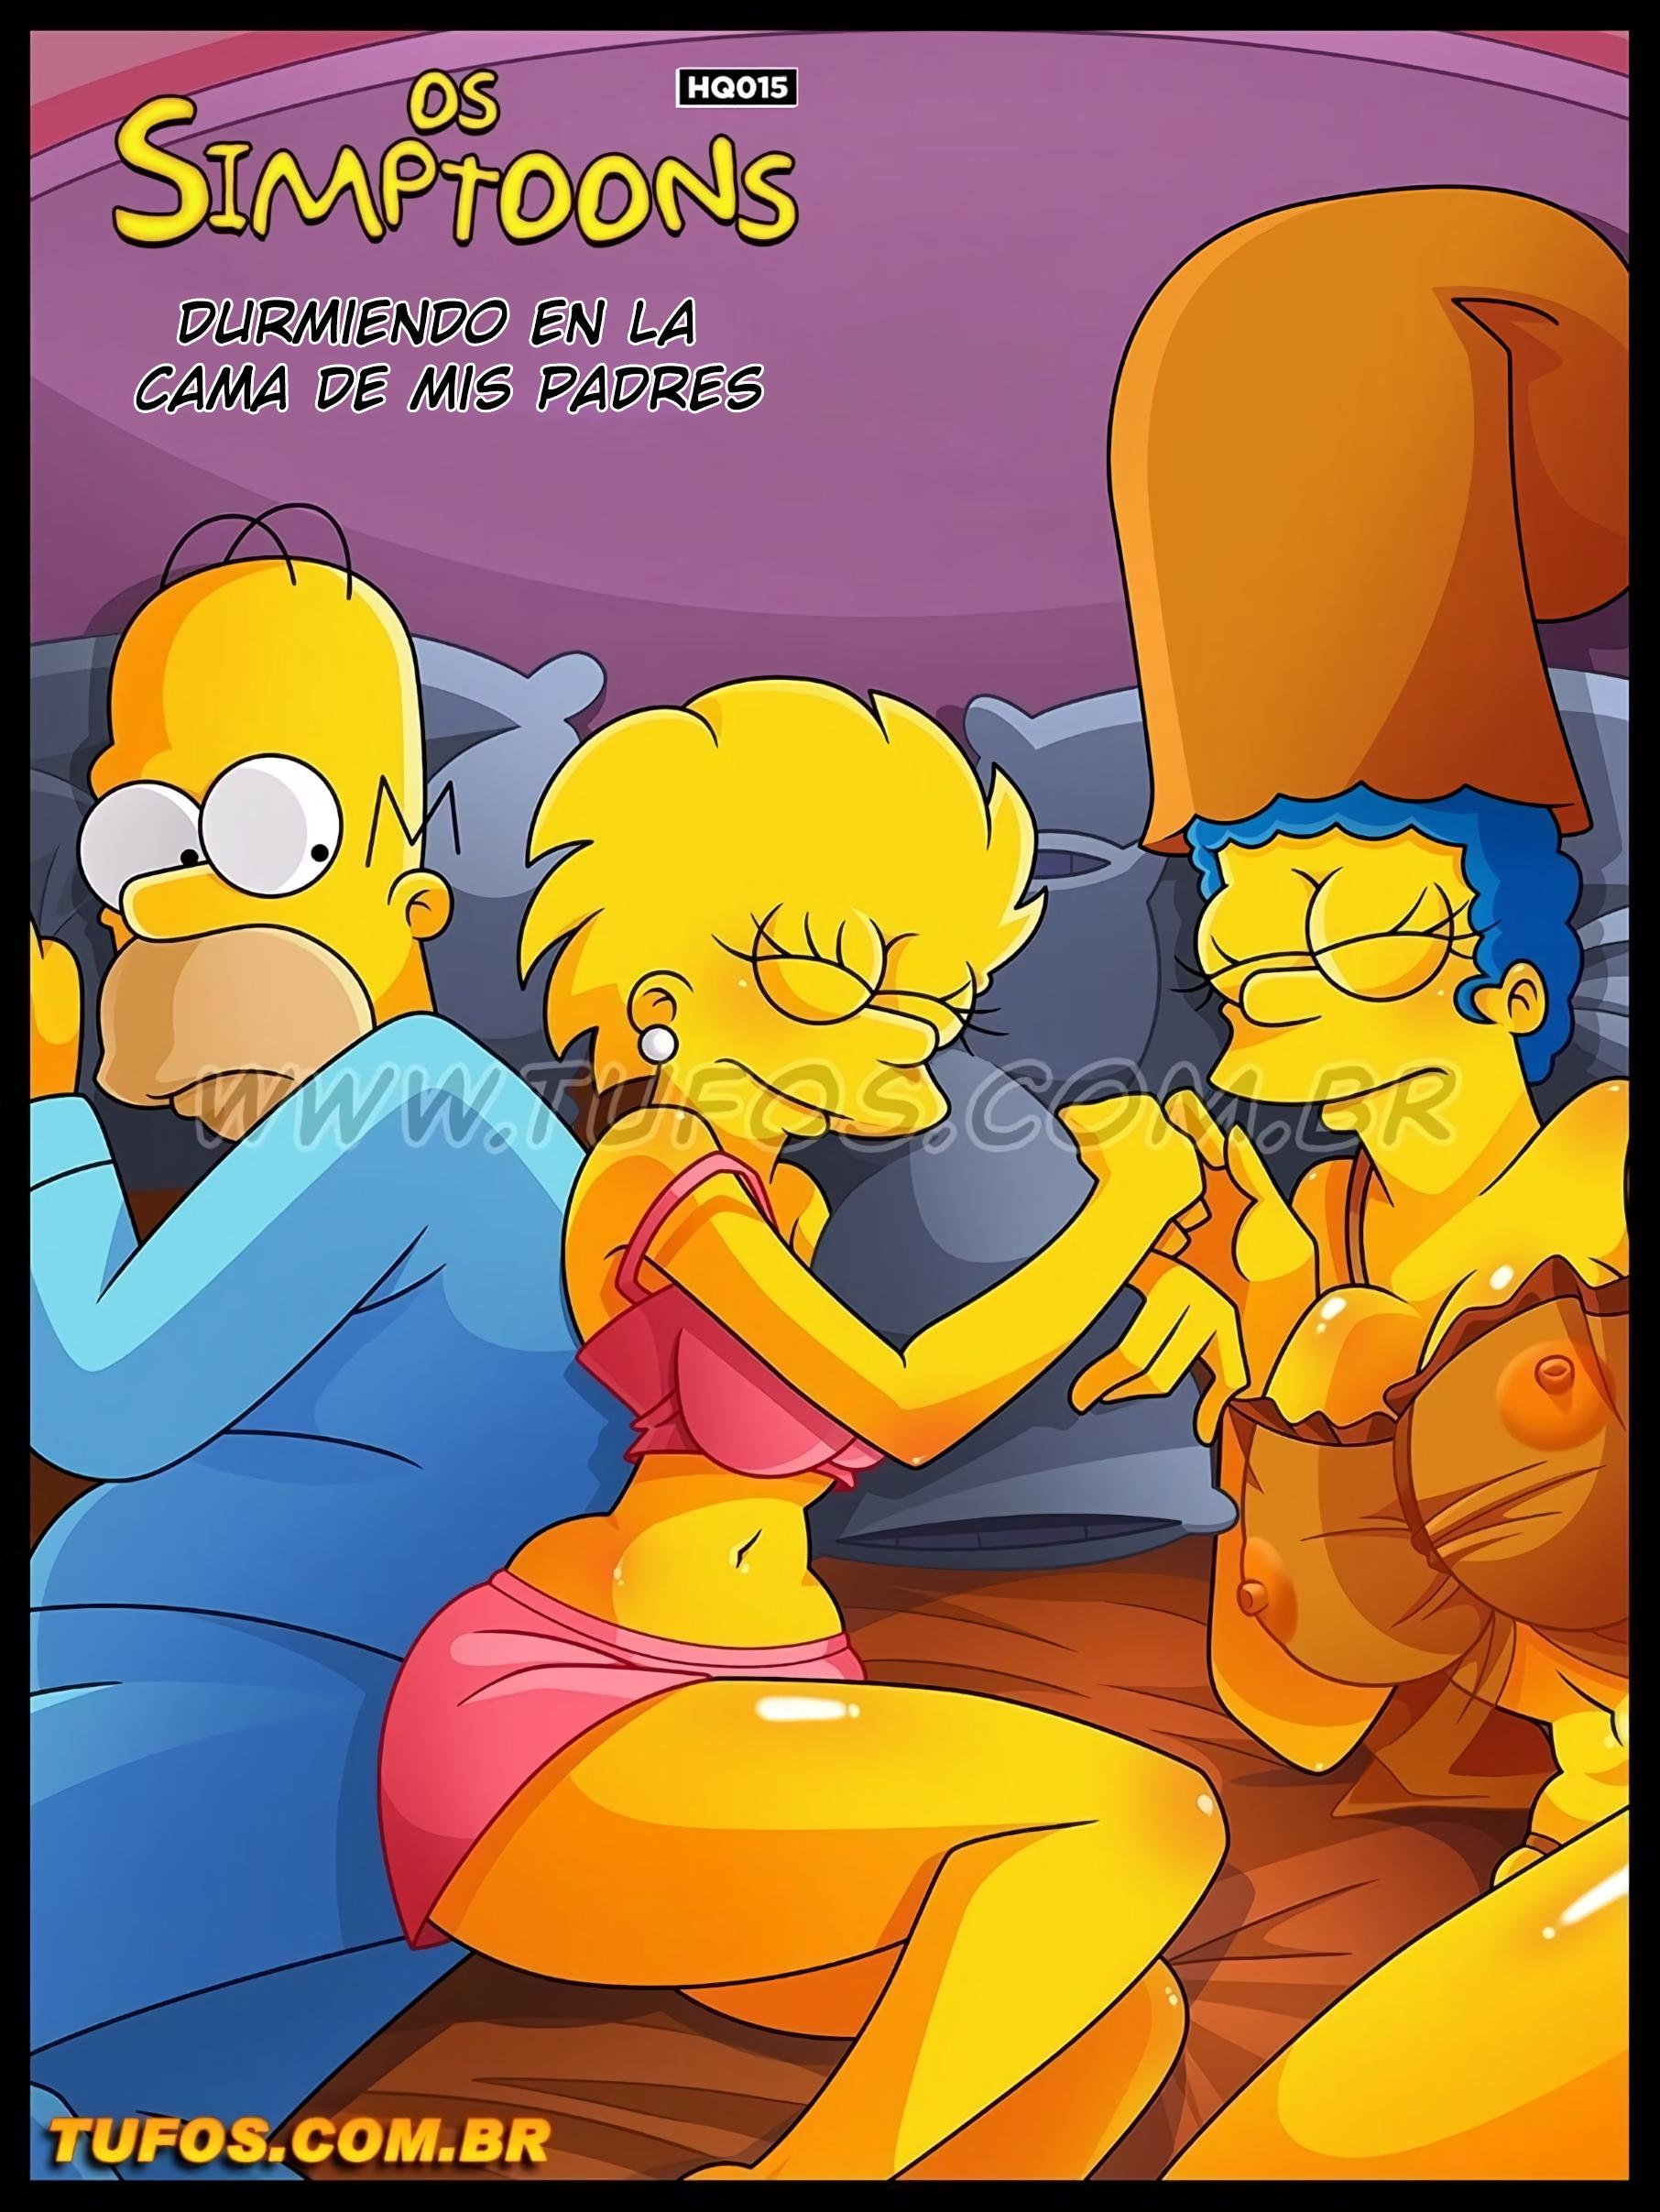 SureFap xxx porno The Simpsons - [Tufos] - Os Simptoons 015 - Dormindo Na Cama Dos Pais